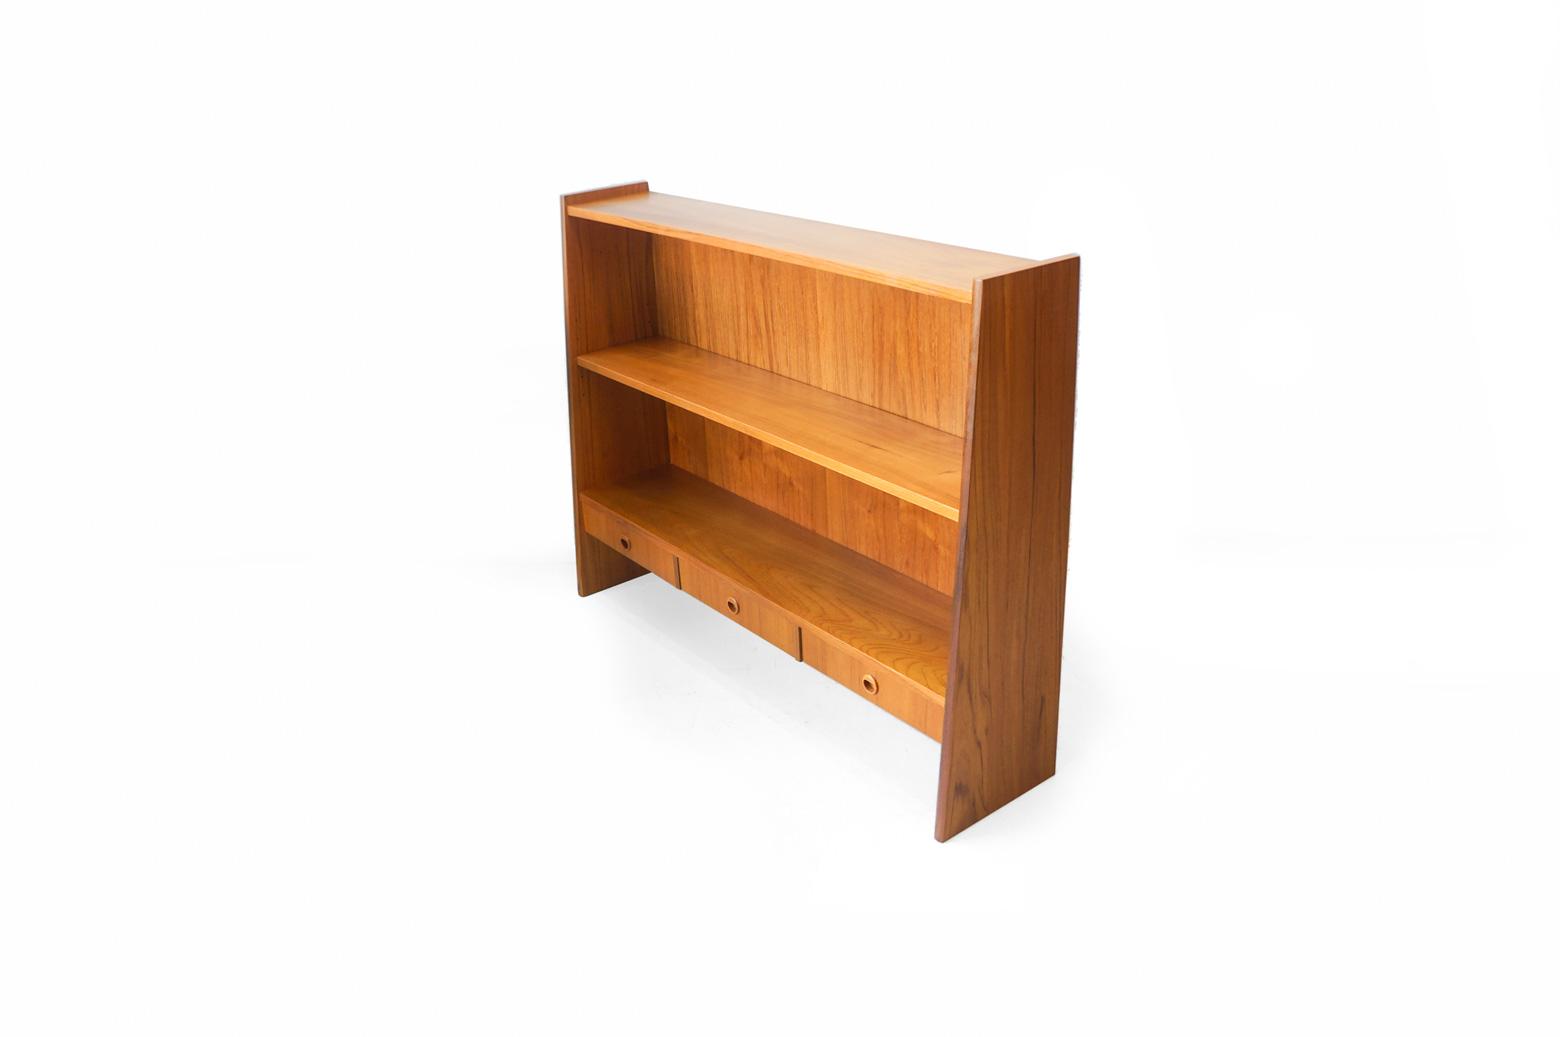 まっすぐで美しいチーク材の木目が目を惹く、スウェーデンヴィンテージブックケース。 背が高すぎず、奥行が狭いスリムなデザインですので、お部屋に圧迫感を与えません。 本を棚一杯にたくさん収納することもできますが、本と一緒に小さなオブジェやフラワーベースなどの小物を飾って、 敢えて余白を作り、チーク材のあたたかみをより一層感じる、という楽しみ方もおすすめですよ♪ 引き出しも付いていますので、細々とした物の整理に便利です。 なかなかコンパクトな本棚に出会えない…という方、ぜひいかがでしょうか? 古いオイルを洗い落とし、新しいオイルでメンテナンスしました。 左側面に傷がございます。 ヴィンテージ品のため、経年や使用に伴う細かな傷や擦れがございますが、大きなダメージはなく、まだまだ永くお使いいただけます。 こちらのブックケースは実はシステムシェルフの一部として使われていました。 下半分のボード部分も一緒に入荷しています。 上下を繋げるとたっぷりと収納ができるシェルフとしてお使いいただけます。 お部屋の広さやお使いの用途に合わせて、ぜひご検討くださいませ! ~【東京都杉並区阿佐ヶ谷北アンティークショップ 古一】 古一/ふるいちでは出張無料買取も行っております。杉並区周辺はもちろん、世田谷区・目黒区・武蔵野市・新宿区等の東京近郊のお見積もりも!ビンテージ家具・インテリア雑貨・ランプ・USED品・ リサイクルなら古一/フルイチへ~